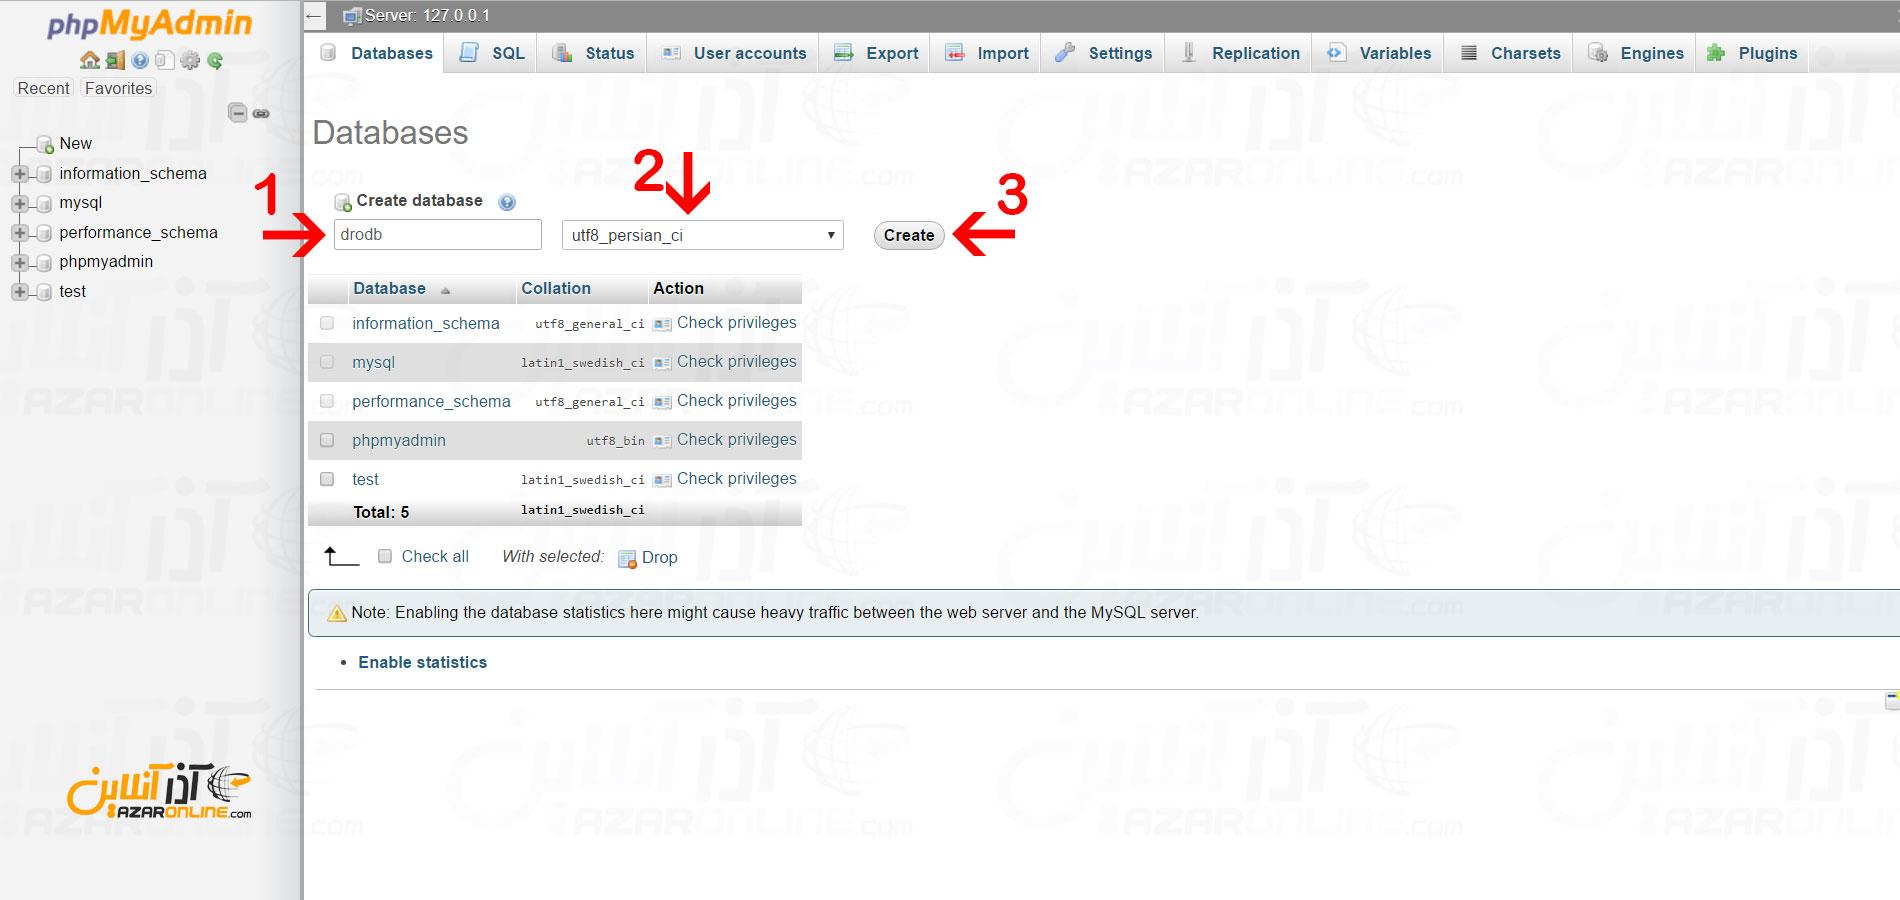 وارد کردن اطلاعات دیتابیس برای دروپال لوکال هاست